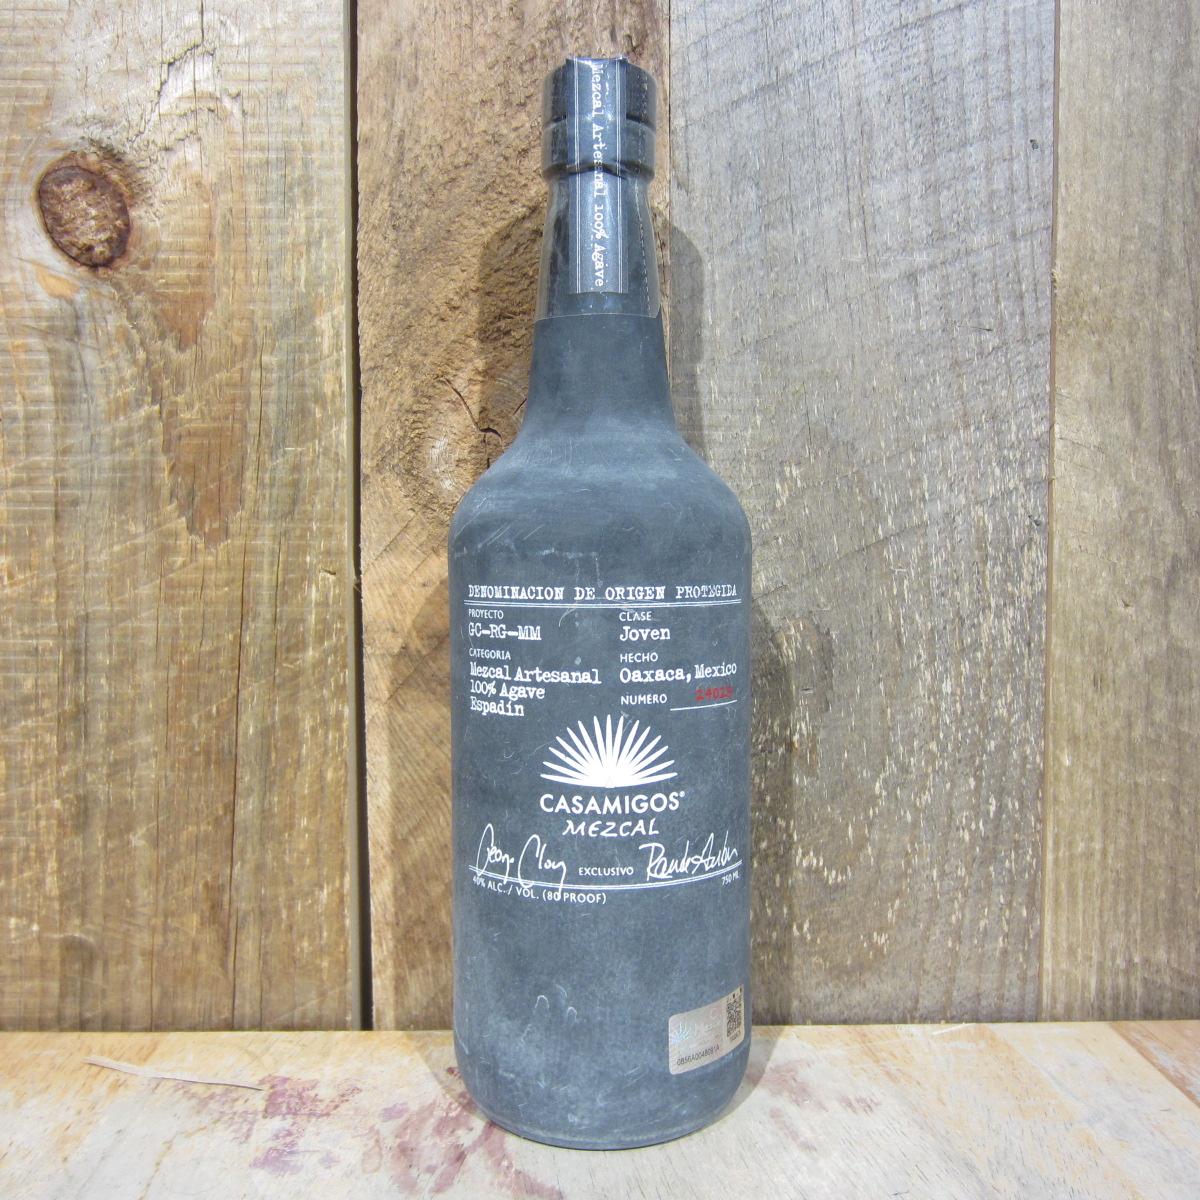 CASAMIGOS JOVEN MEZCAL 750ML  Oak and Barrel